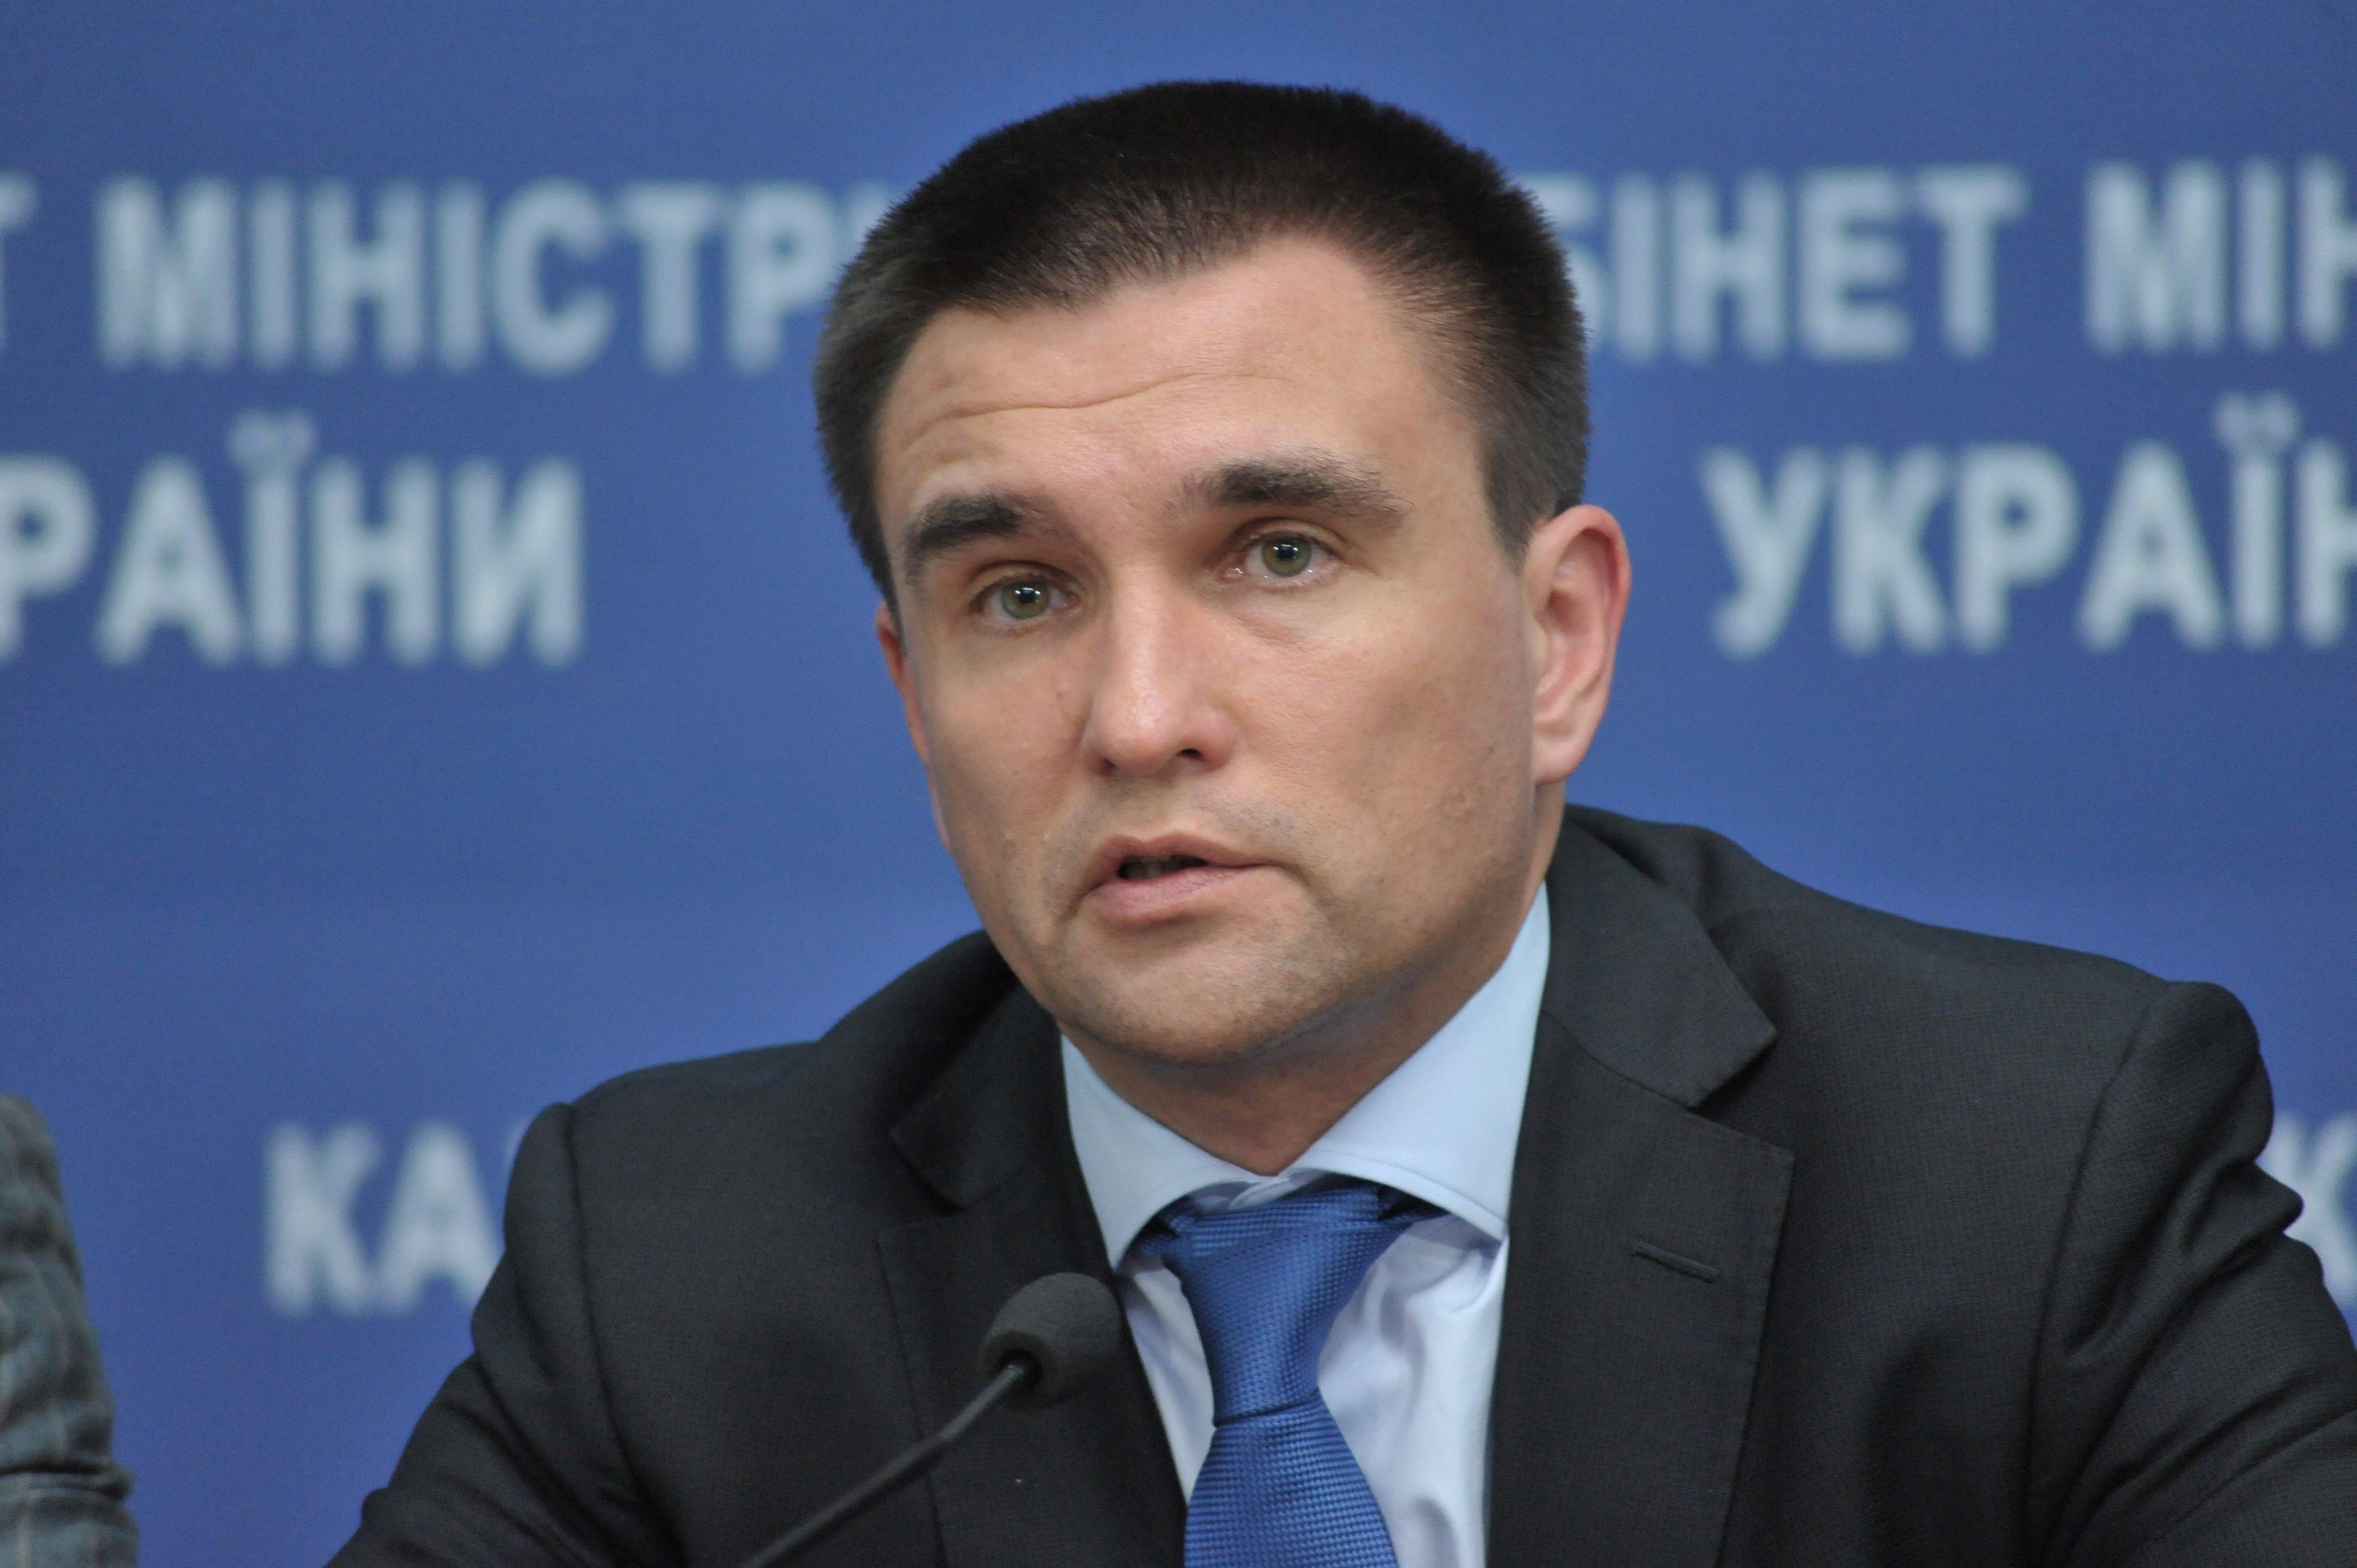 Климкин снял с украинской столицы ответственность заподрыв польского автобуса под Львовом